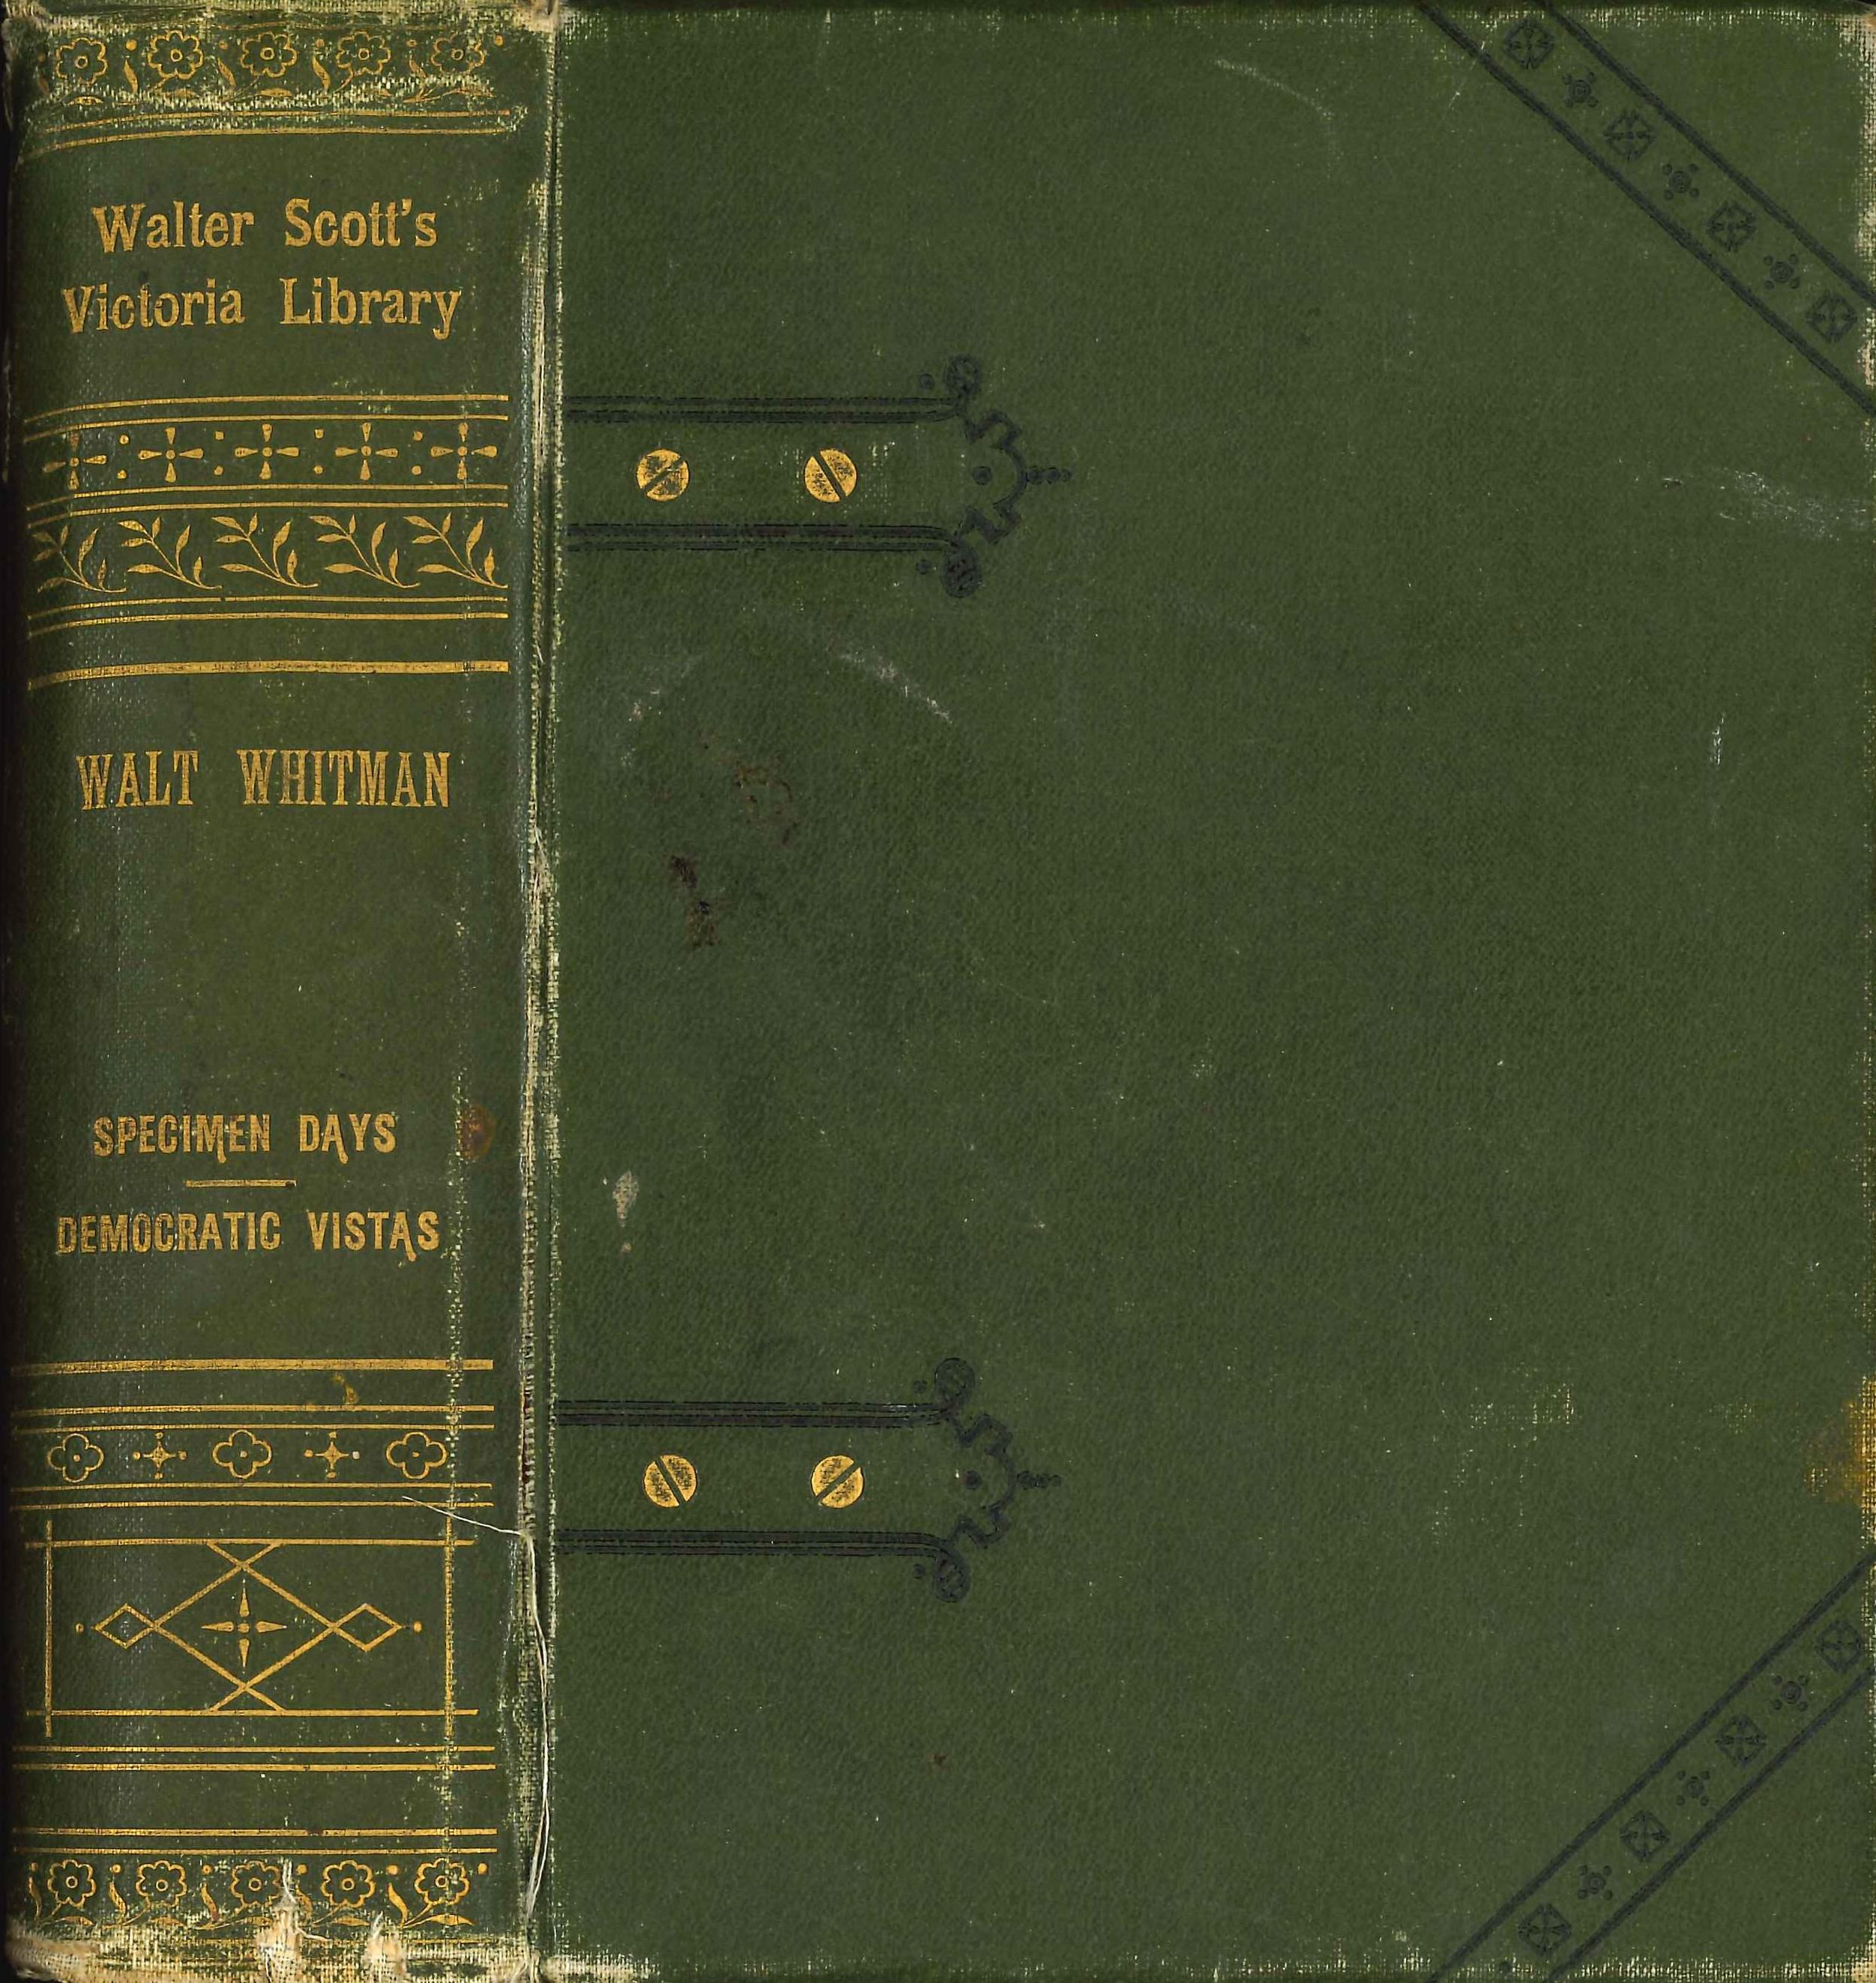 Walt Whitman. Prose Writings of Walt Whitman. London: Walter Scott, 1888.